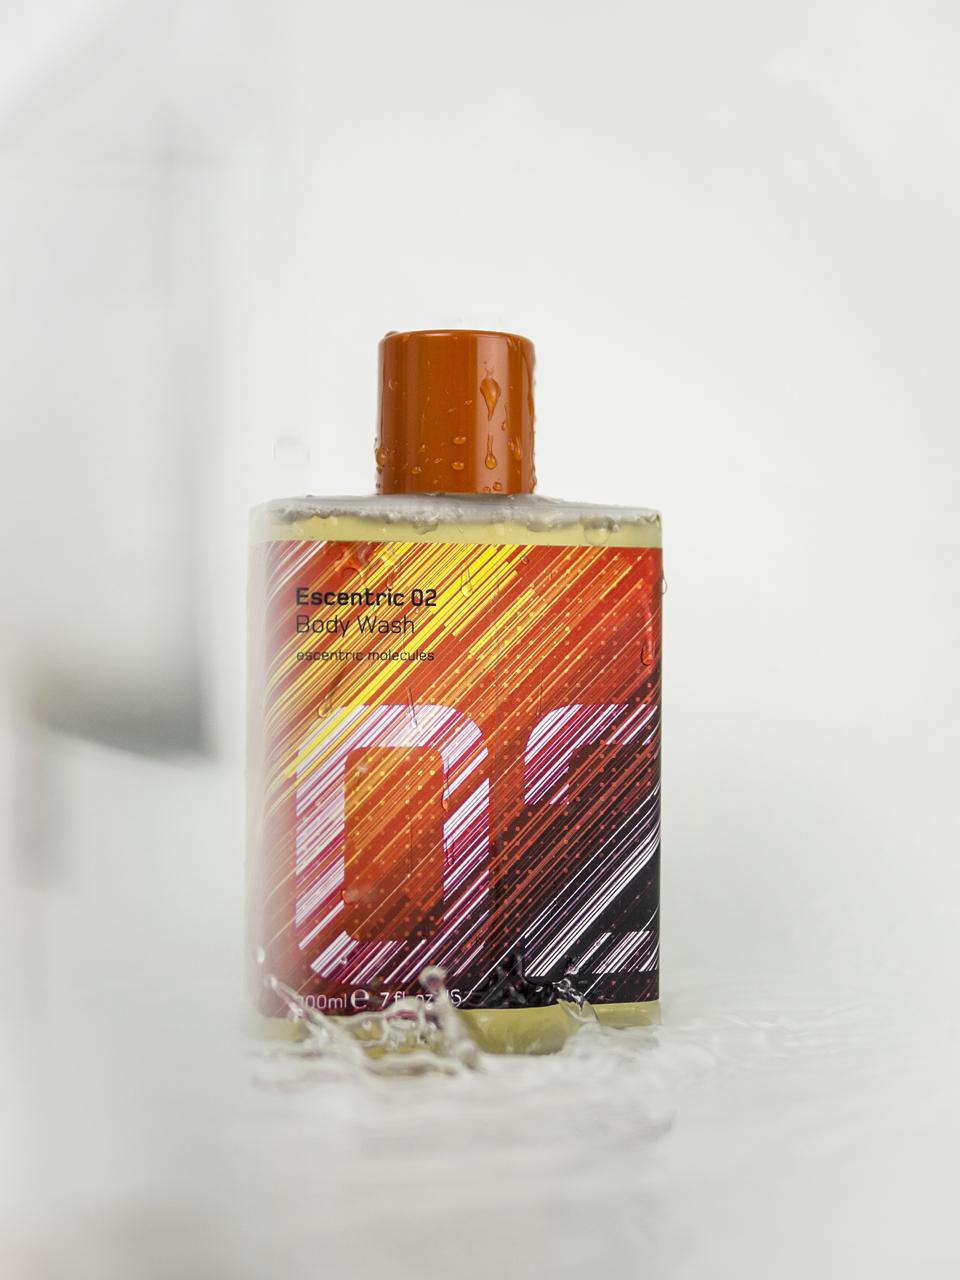 Escentric Molecules Bodywash, Escentric Molecules, Escentric Molecules Bodywash Review, Escentric Molecules 01 bis 04, Parfüm, Duscherlebnis, Dufterlebnis, Geza Schön, Duftkreation, Parfum, Parfüm